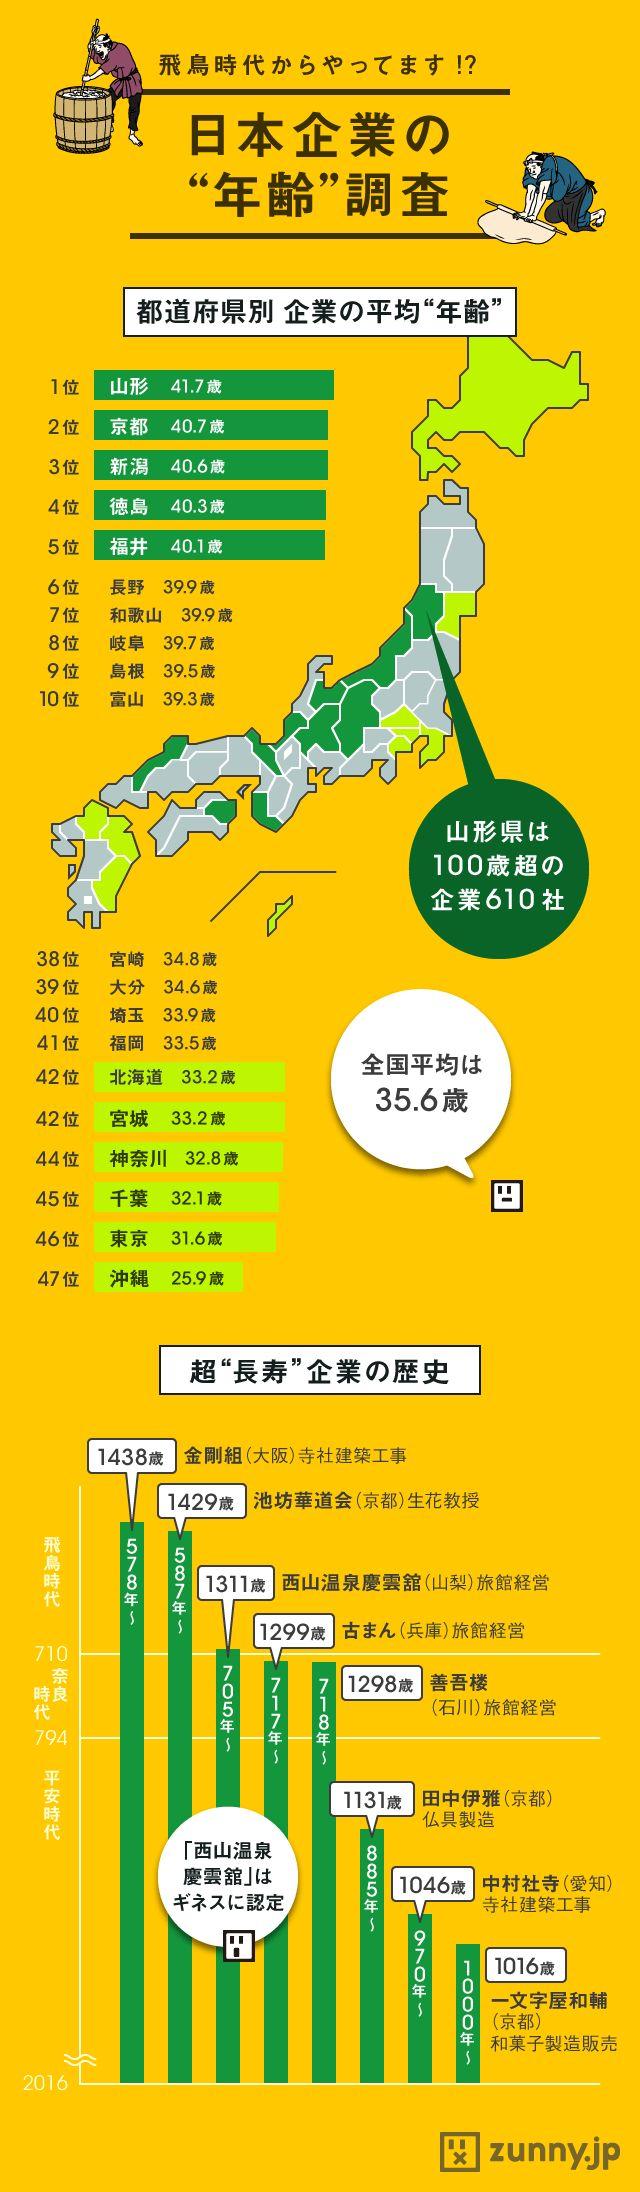 最古企業は大阪の「1400歳超」!? 日本企業の年齢 | ZUNNY インフォグラフィック・ニュース